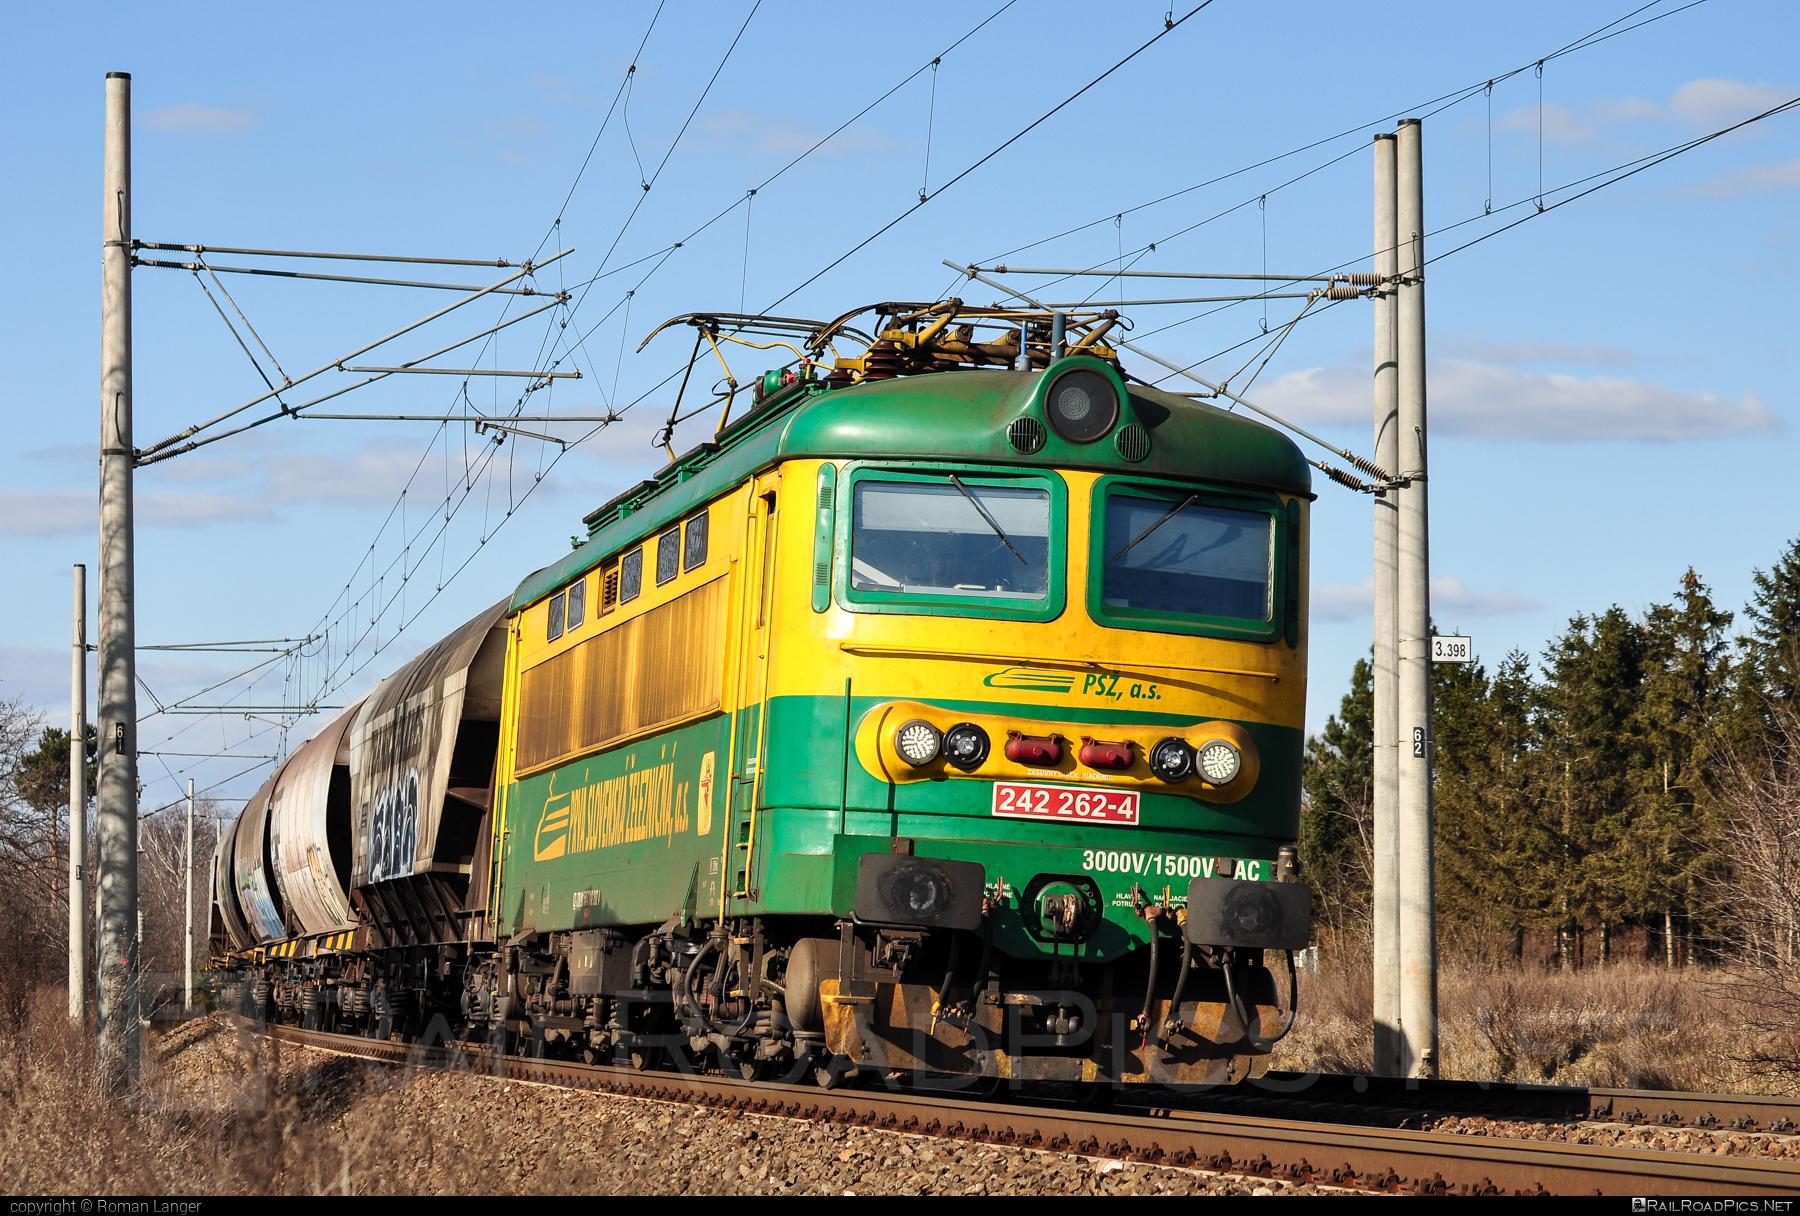 Škoda 73E - 242 262-4 operated by Prvá Slovenská železničná, a.s. #hopperwagon #locomotive242 #plechac #prvaslovenskazeleznicna #prvaslovenskazeleznicnaas #psz #skoda #skoda73e